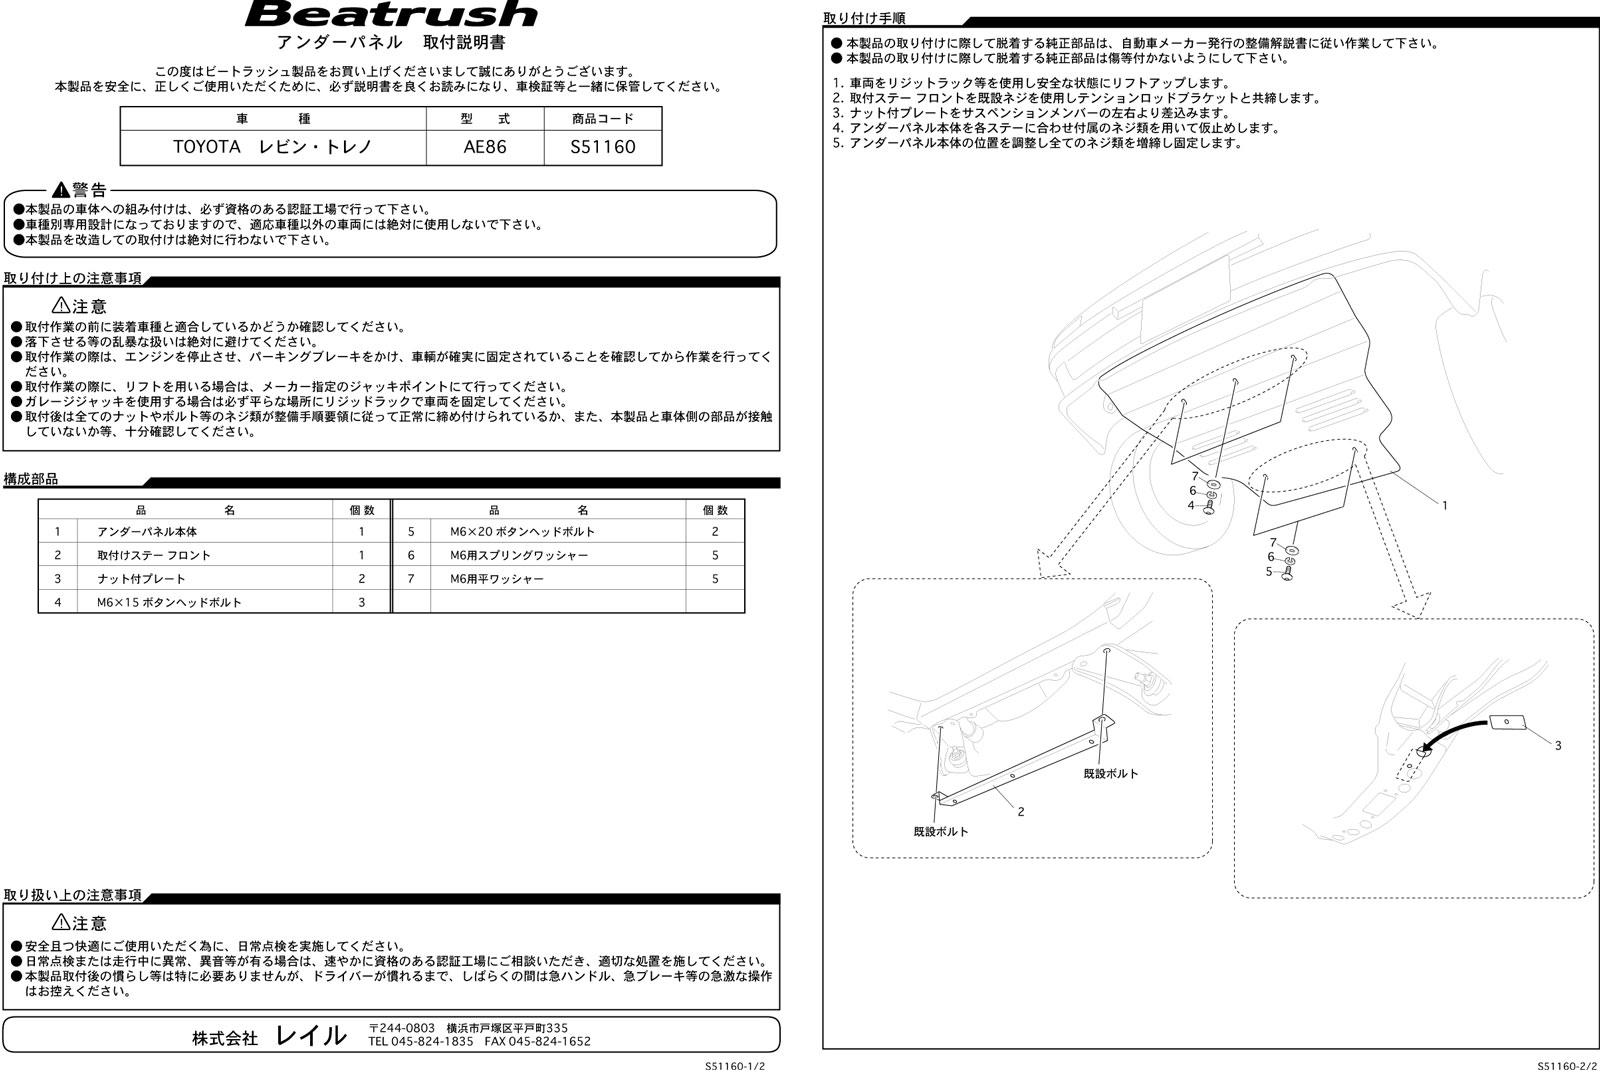 下面板丰田莱文 Beatrush / 叶丛 [AE86] P27Mar15